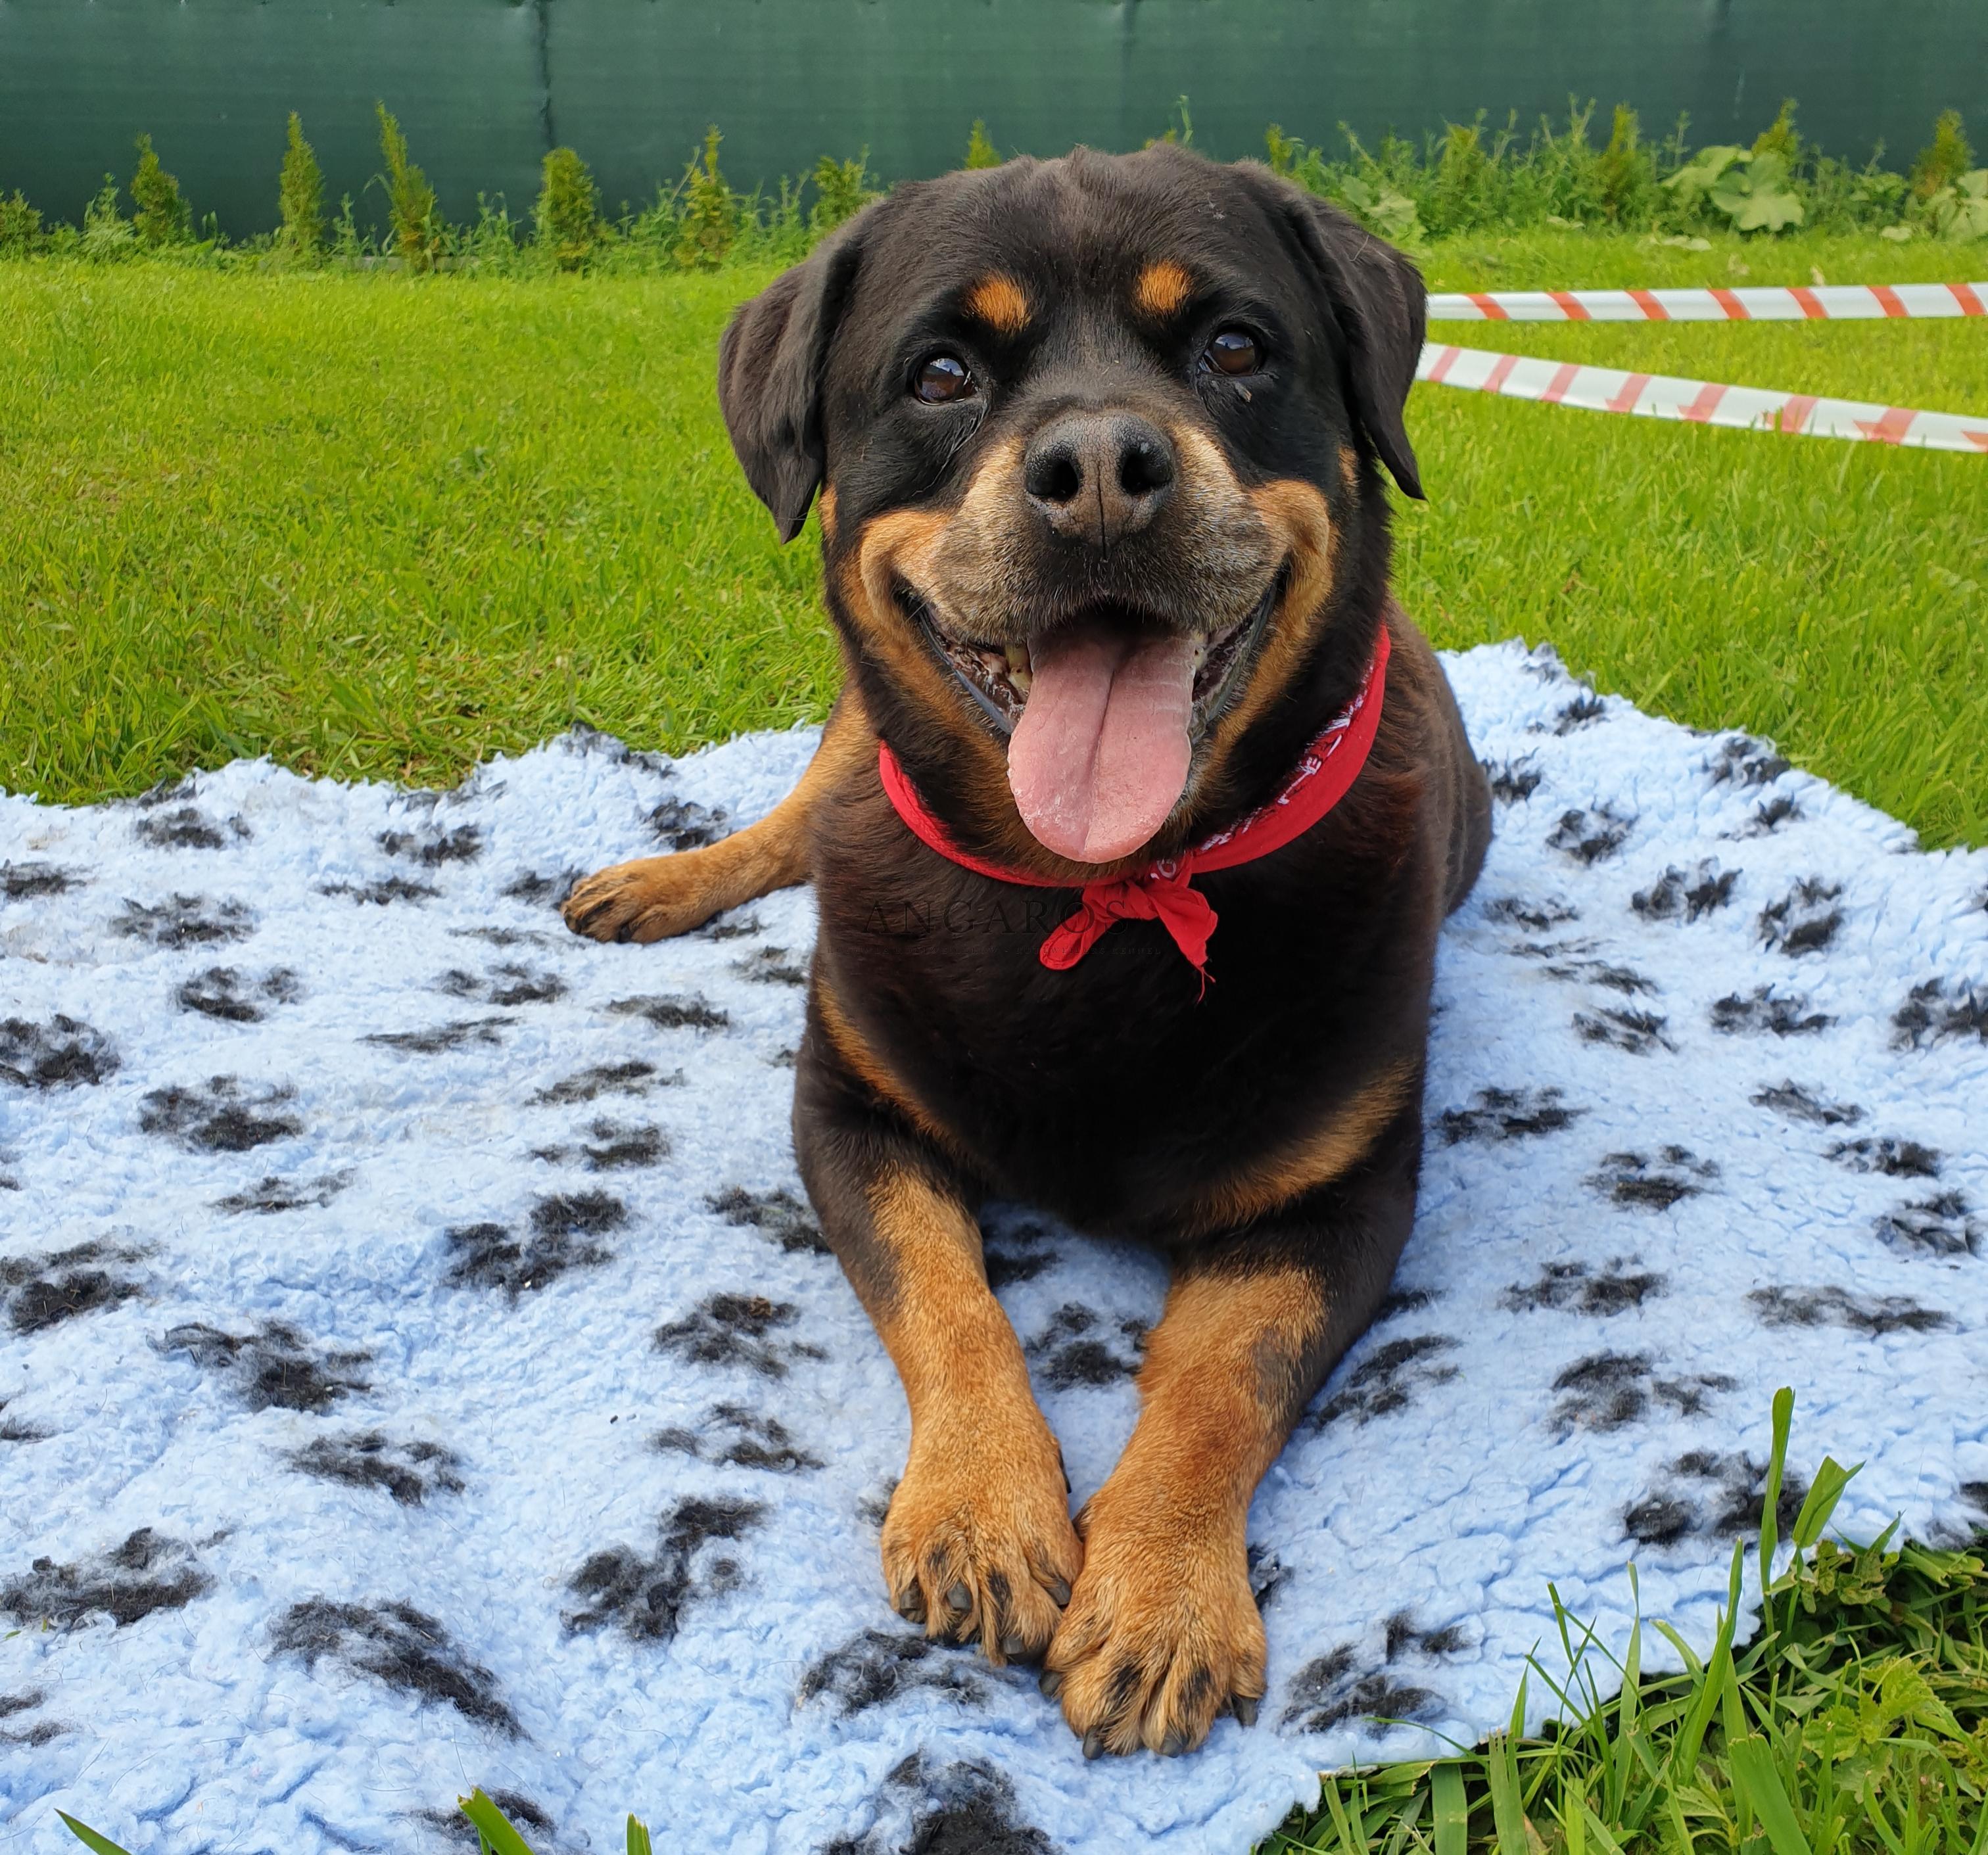 W dniu dzisiejszym moja ukochana Dusieńka (DAMA vom Hause Haase) skończyła 11 lat !!! | Rottweiler - Hodowla Rottweilerów Angaros - Rottweilers - Rottweilery